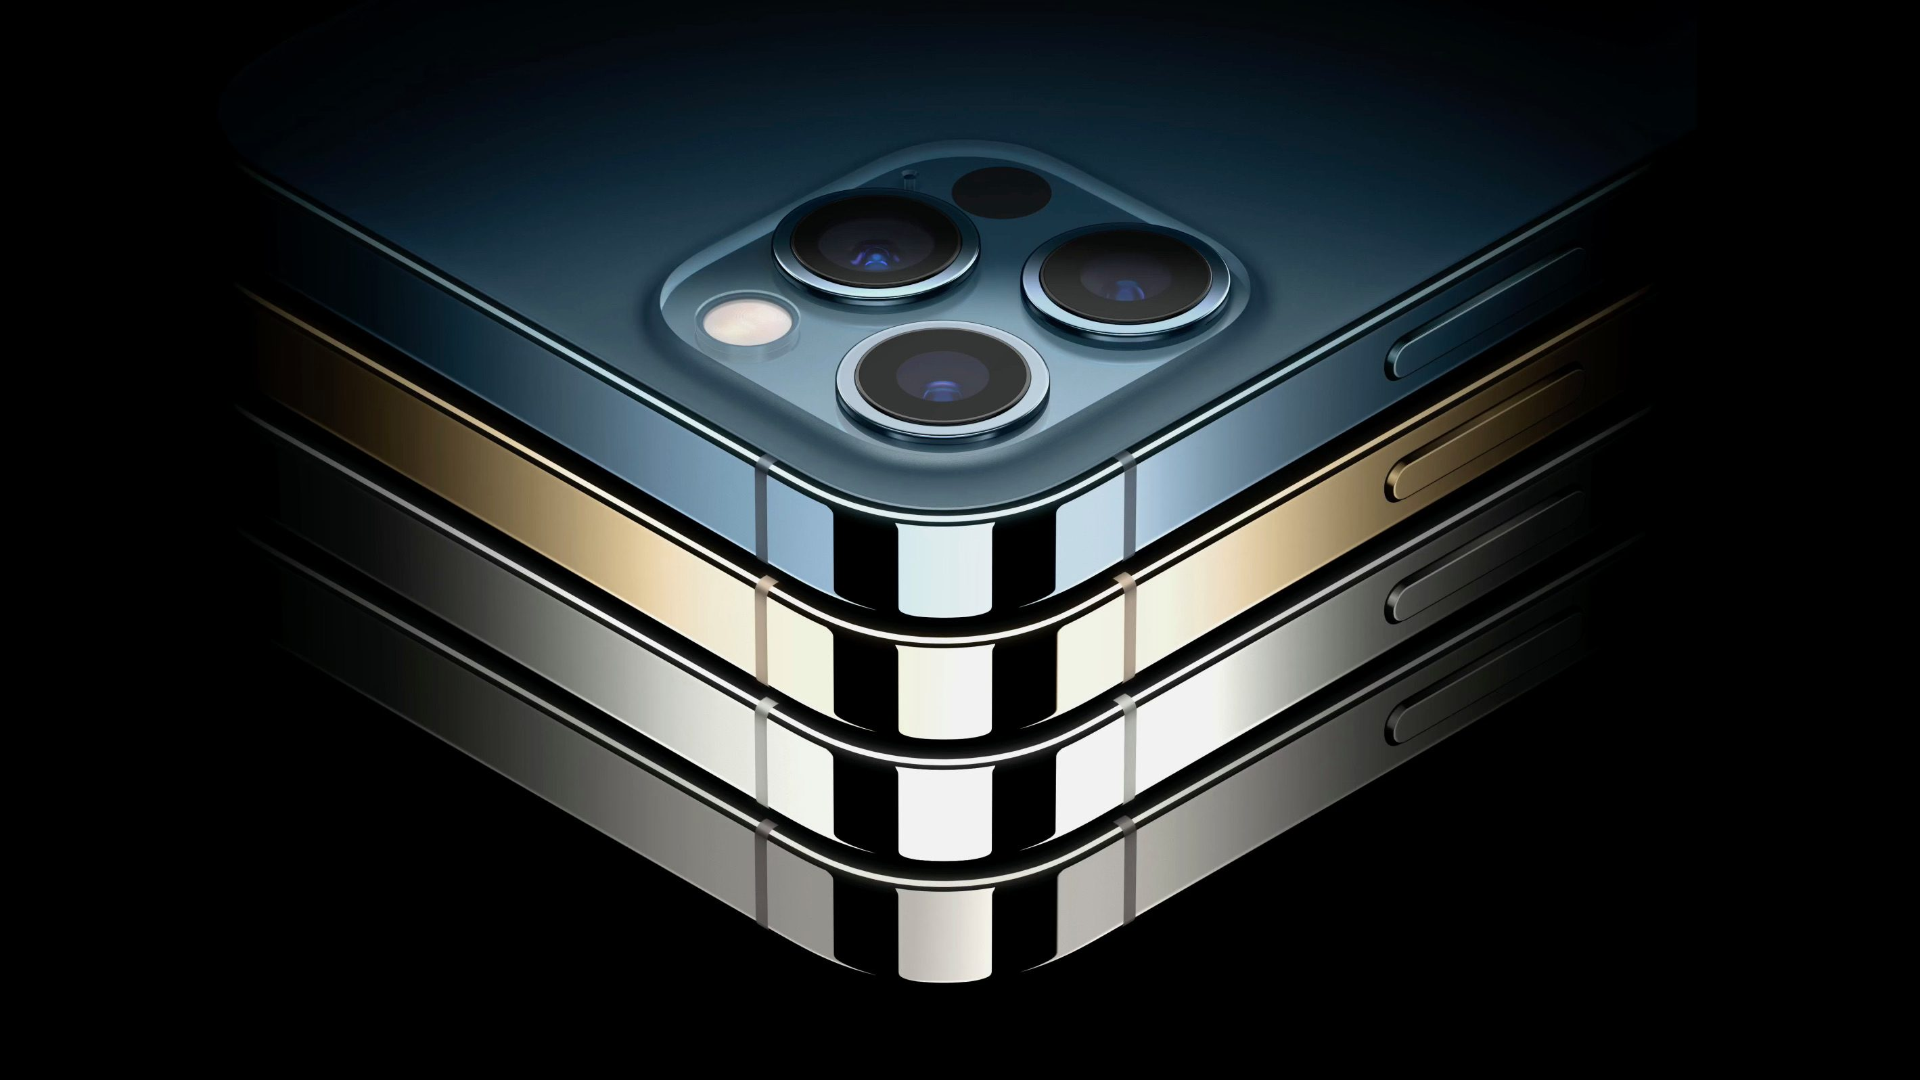 разница между iPhone 12 Pro Max и iPhone 12 Pro